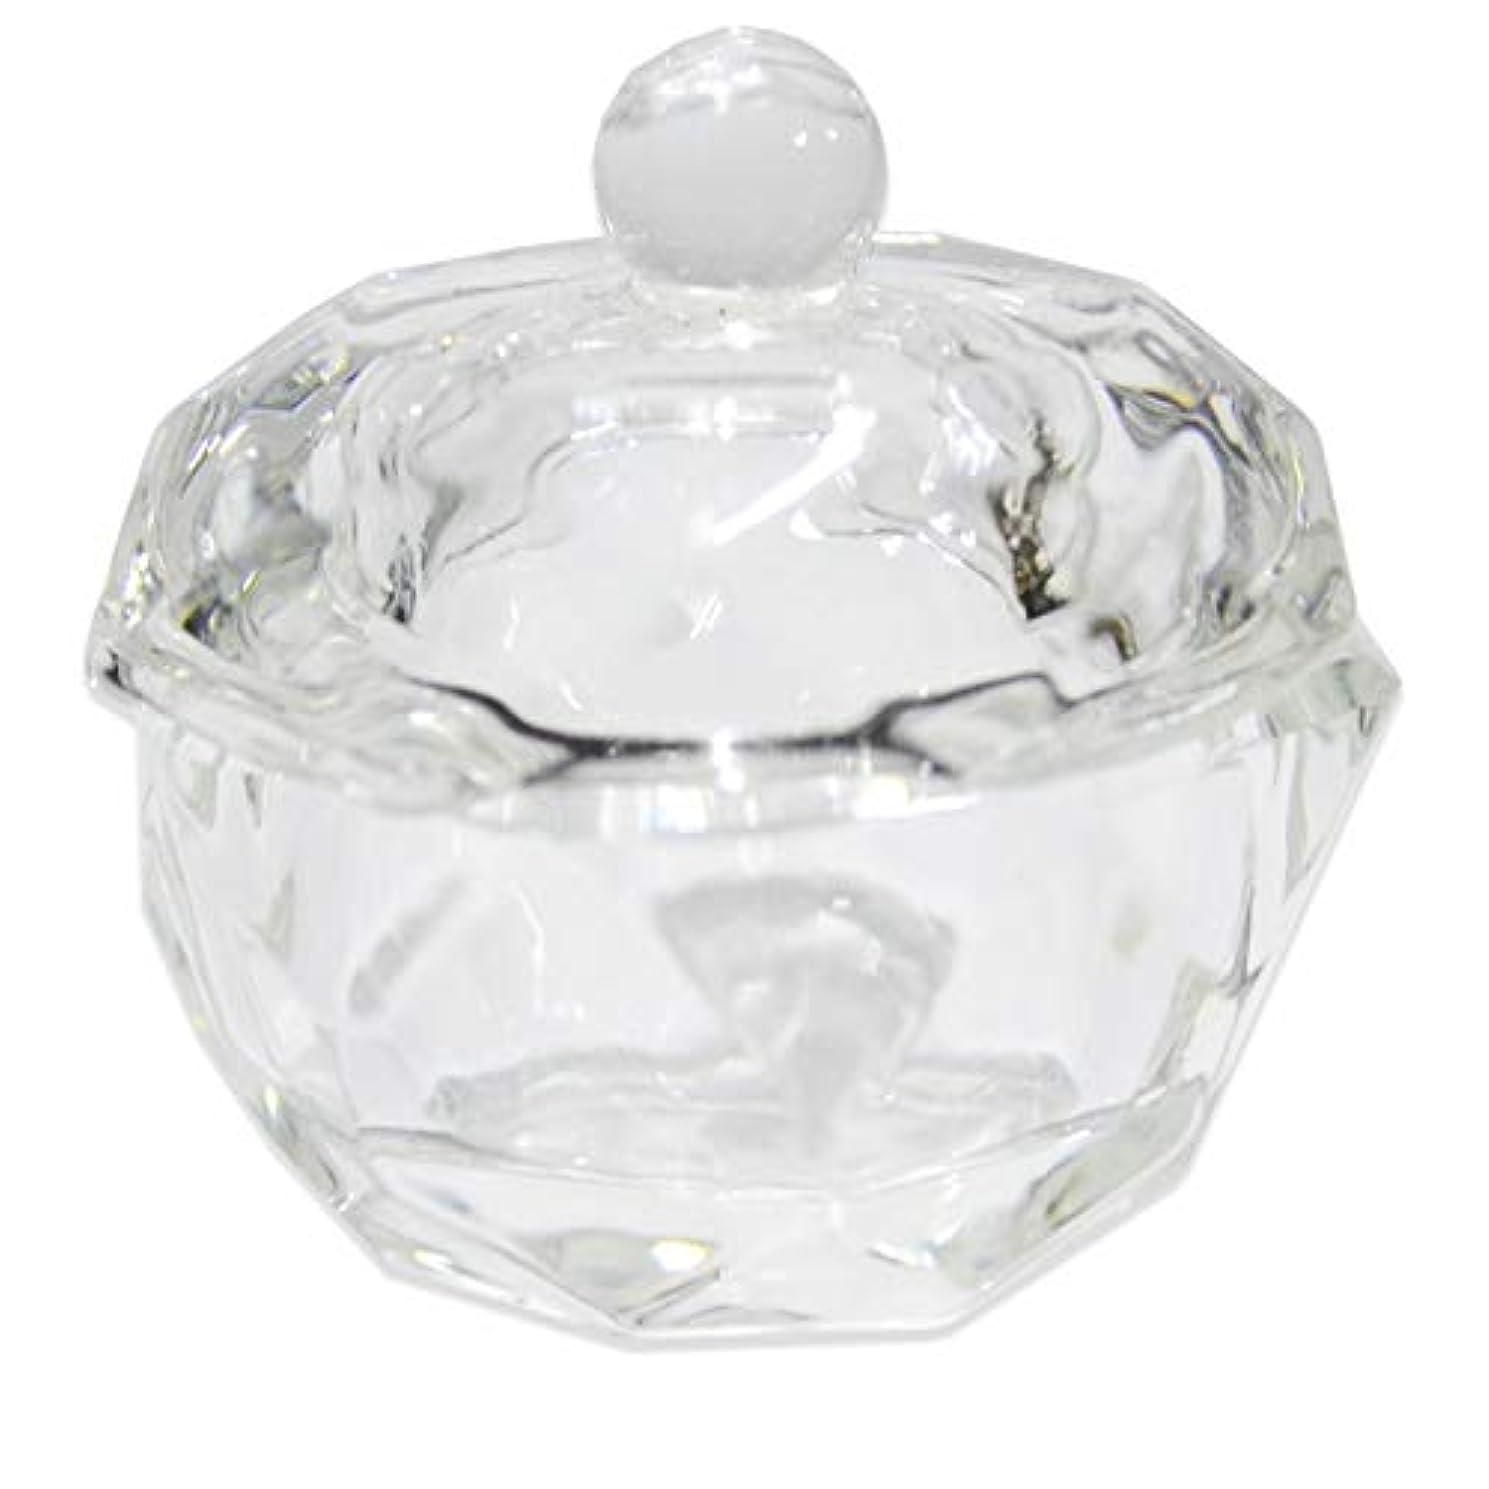 公爵夫人病気だと思う犯すクリスタル オクタゴン ダッペンディッシュ/ガラスの蓋付き/八角形